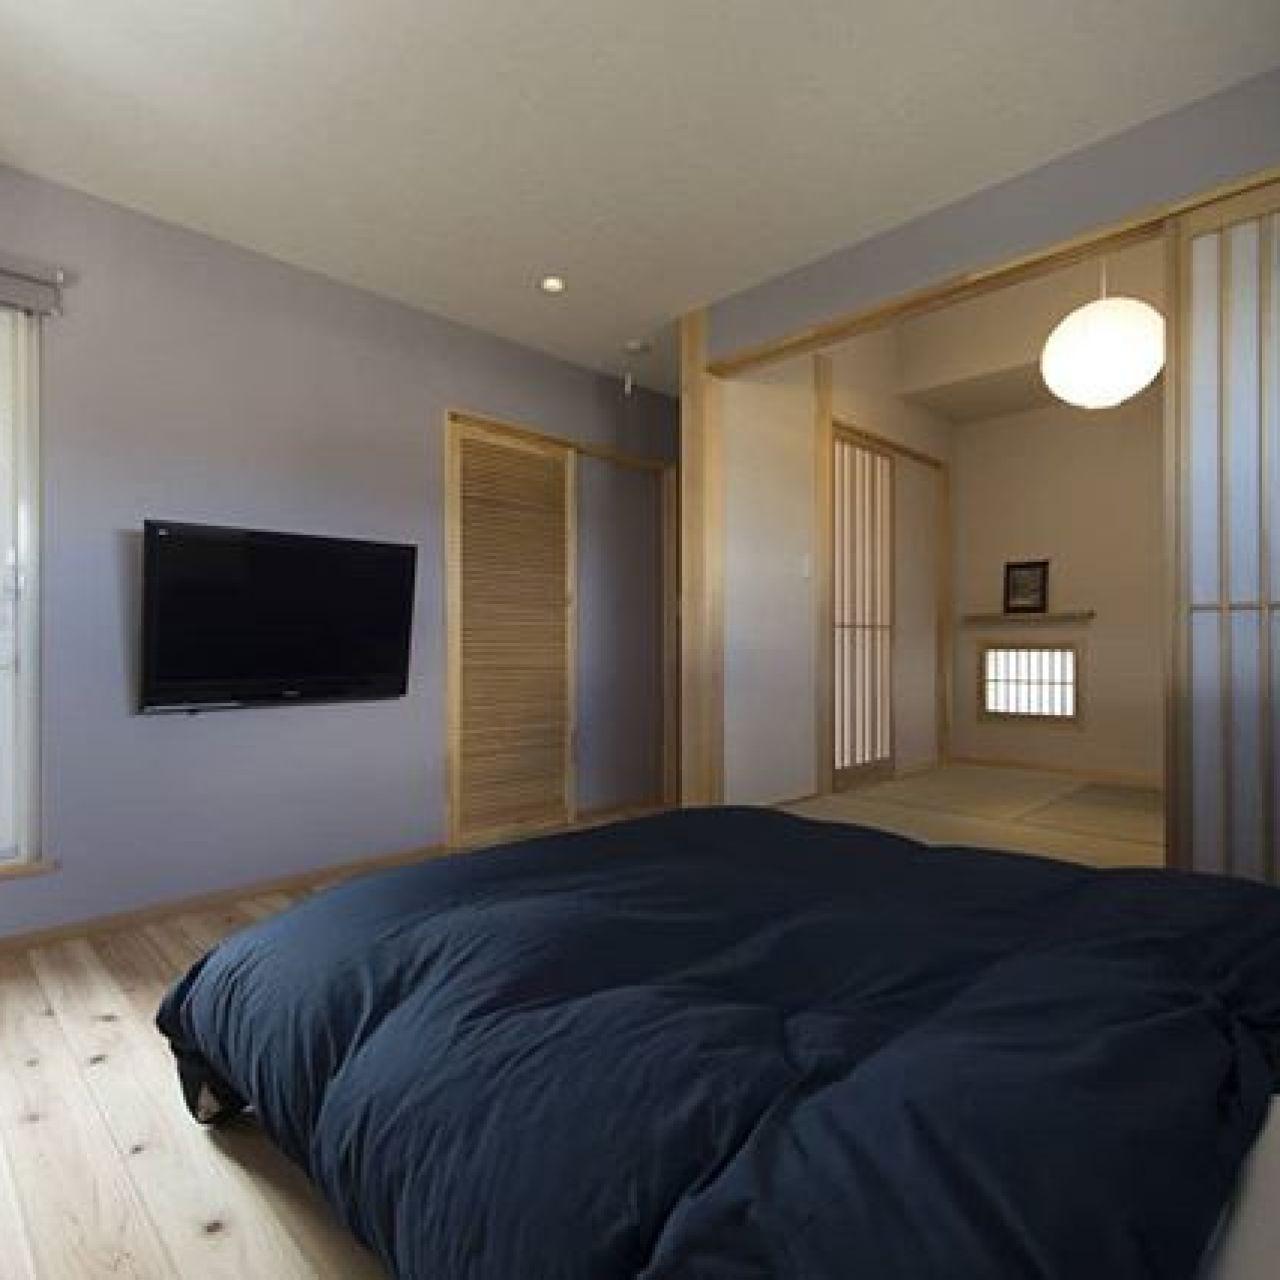 趣のある旅館のような主寝室。杉板の床、右手に畳コーナー、正面にウォークインクローゼット、配線はクローゼットに隠した壁掛けテレビ、その左がバルコニーへのドア。うらやましいです。#寝室 #畳コーナー#壁掛けテレビ #無垢 #杉の建具 #フローリング #バルコニー #和モダンインテリア #注文住宅#木の香り